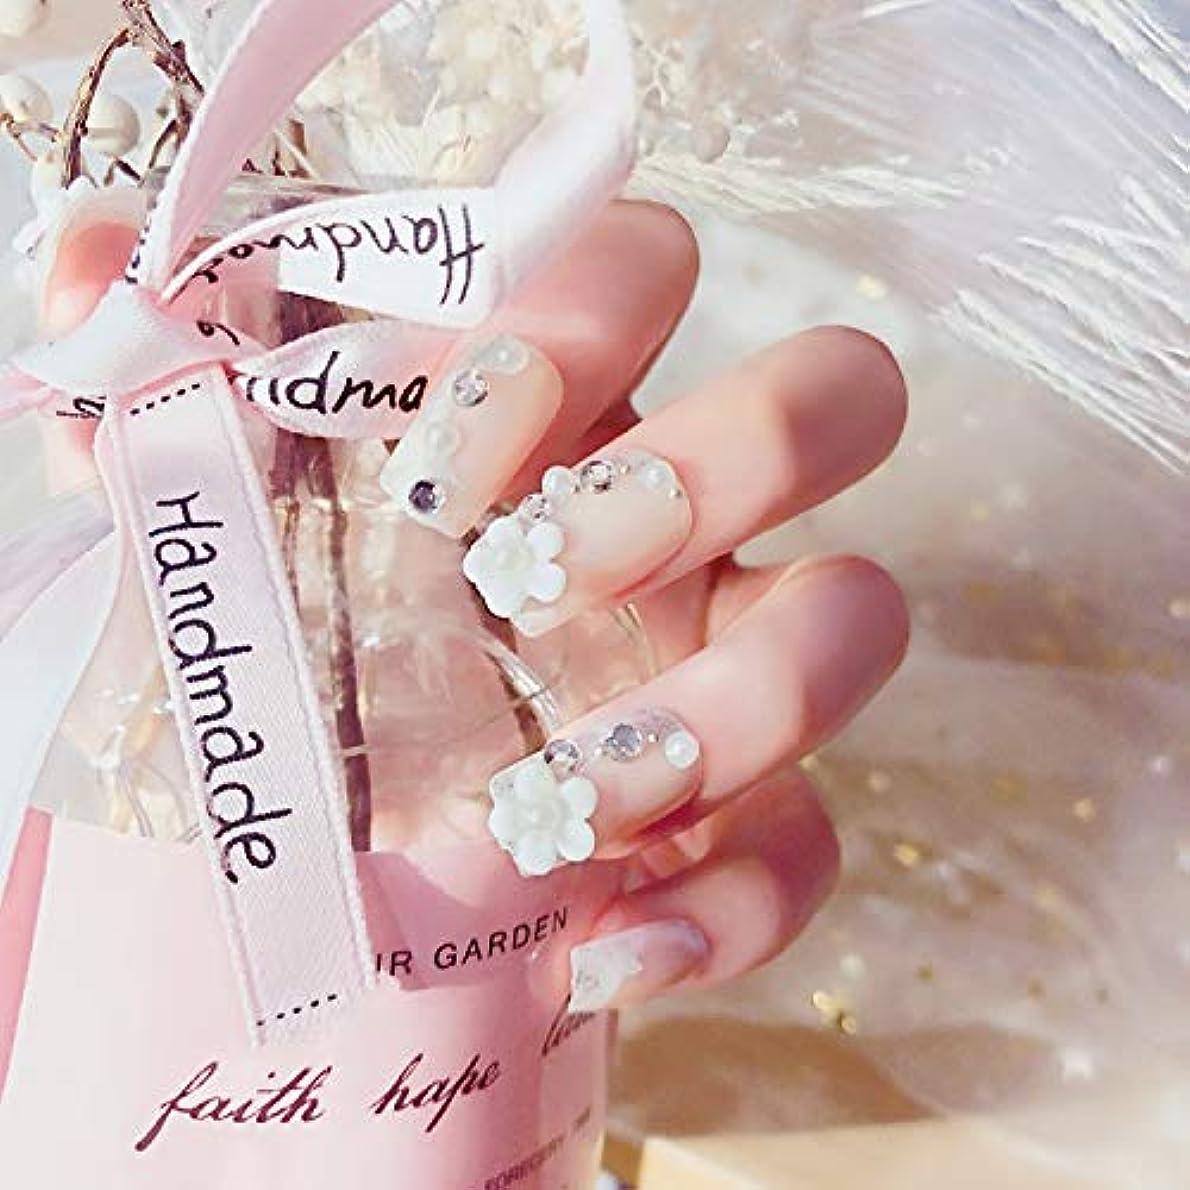 理由野心的ダンプVALEN Nail Patch 3D ネイルチップ 人造ダイヤモンド 24枚入 原宿 和風 夢幻 和装 手作りネイルチップ 結婚式ネイルチップ